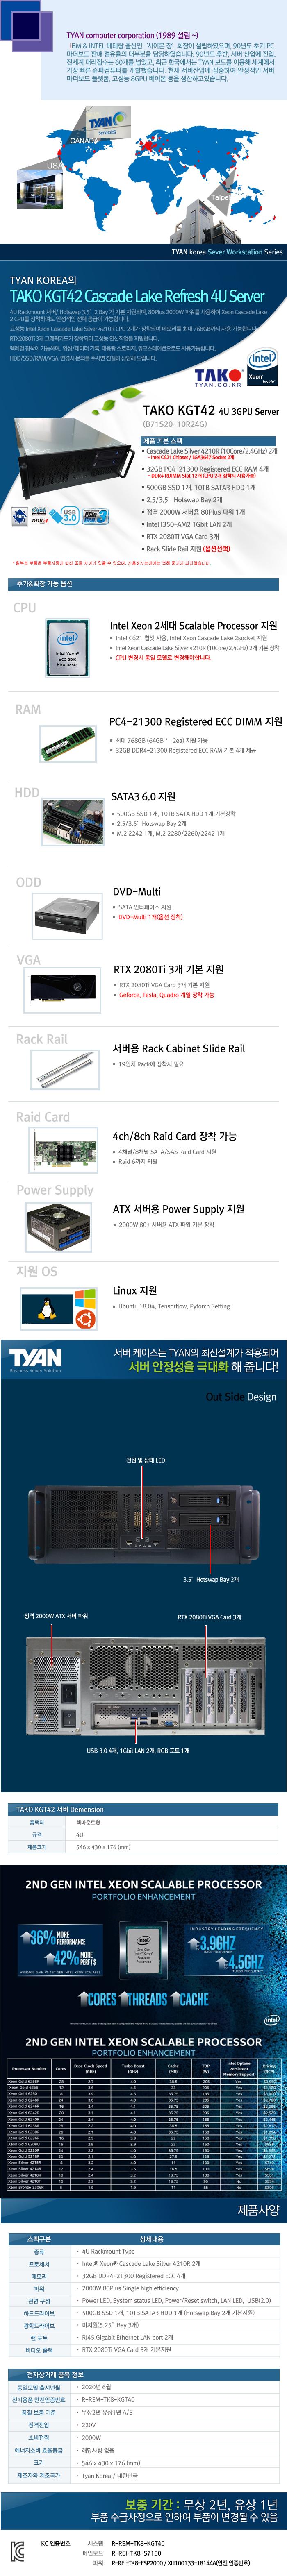 TYAN TAKO-KGT42-(B71S20-10R24G) 3GPU (128GB, SSD 500GB + 10TB)